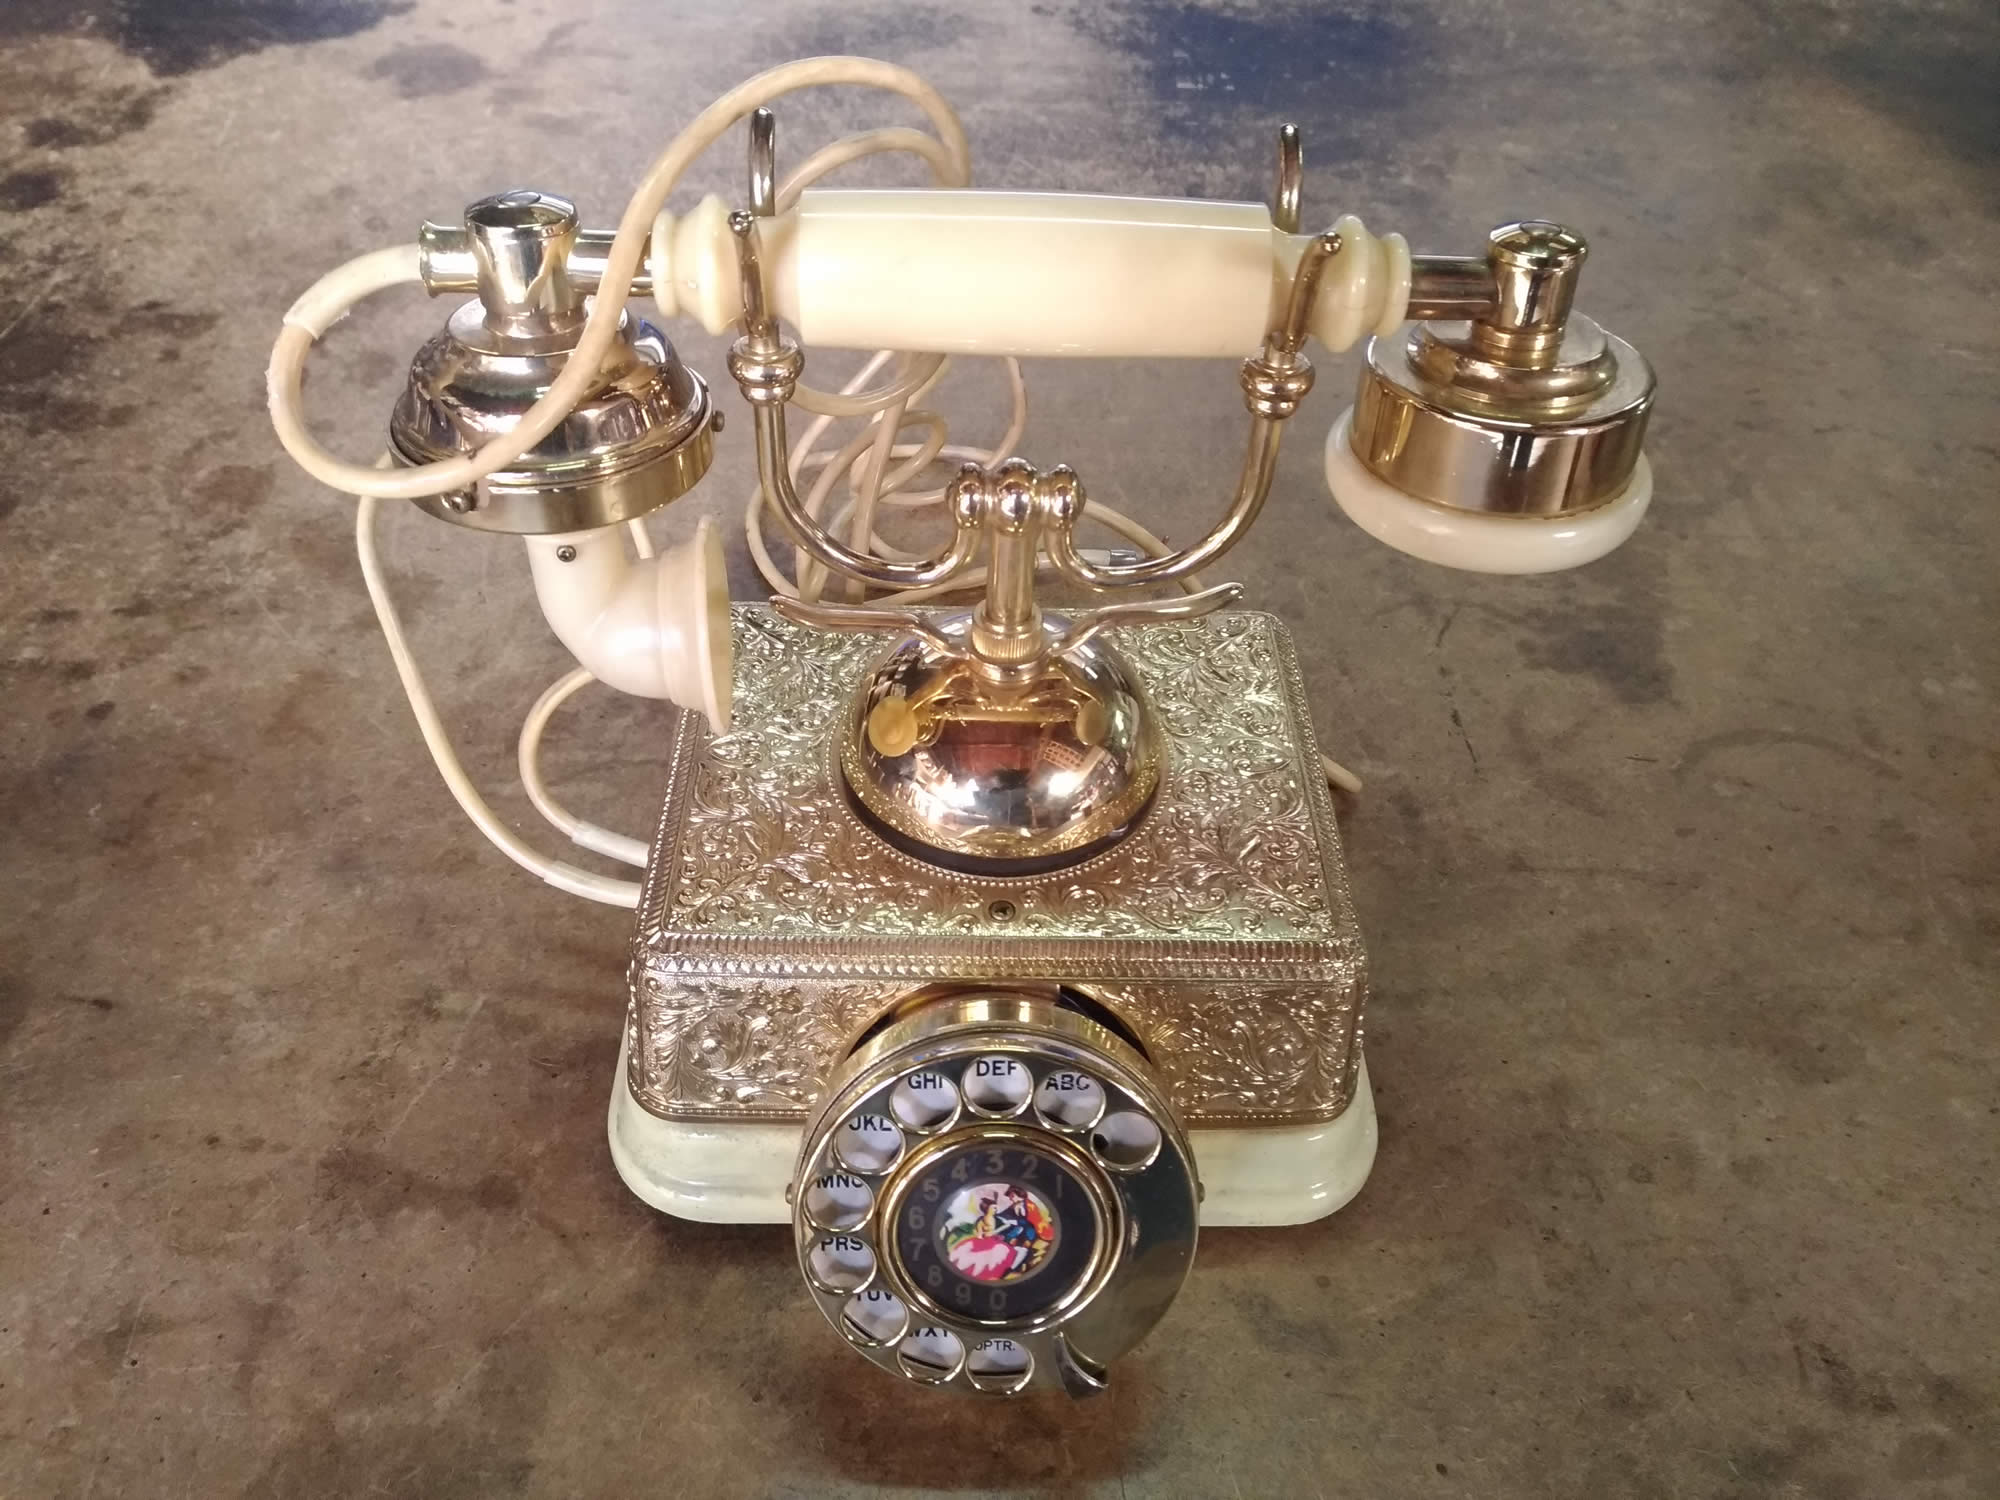 Френски телефон в колониален бароков стил